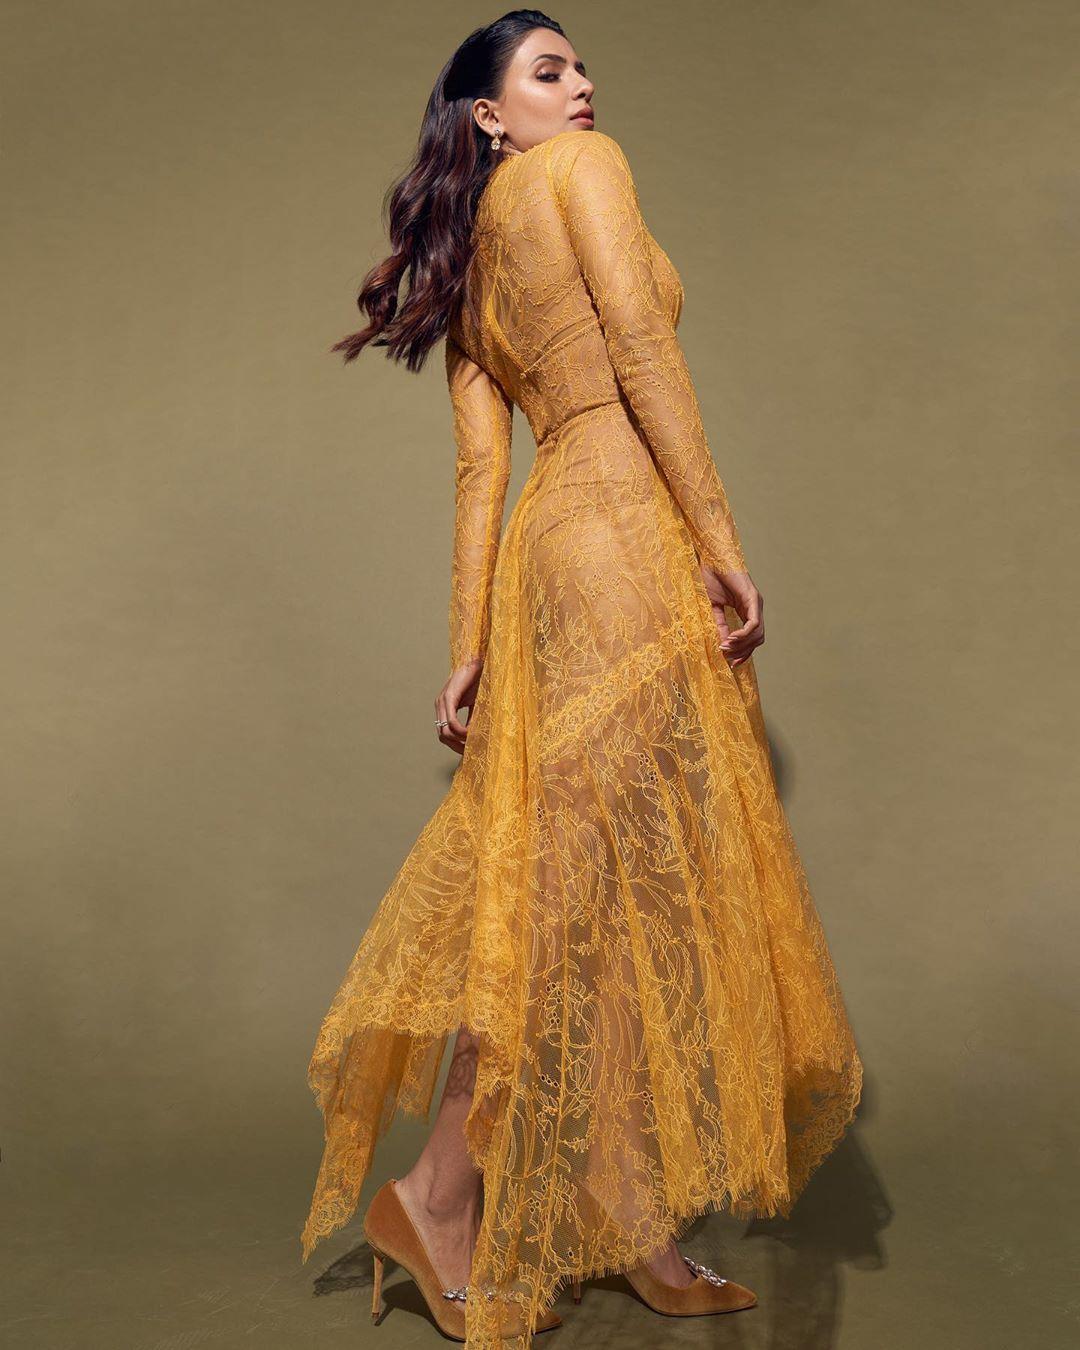 Telugu Samantha Akkineni Hot, Samantha Hot, Samantha Hot Pics-Movie-English